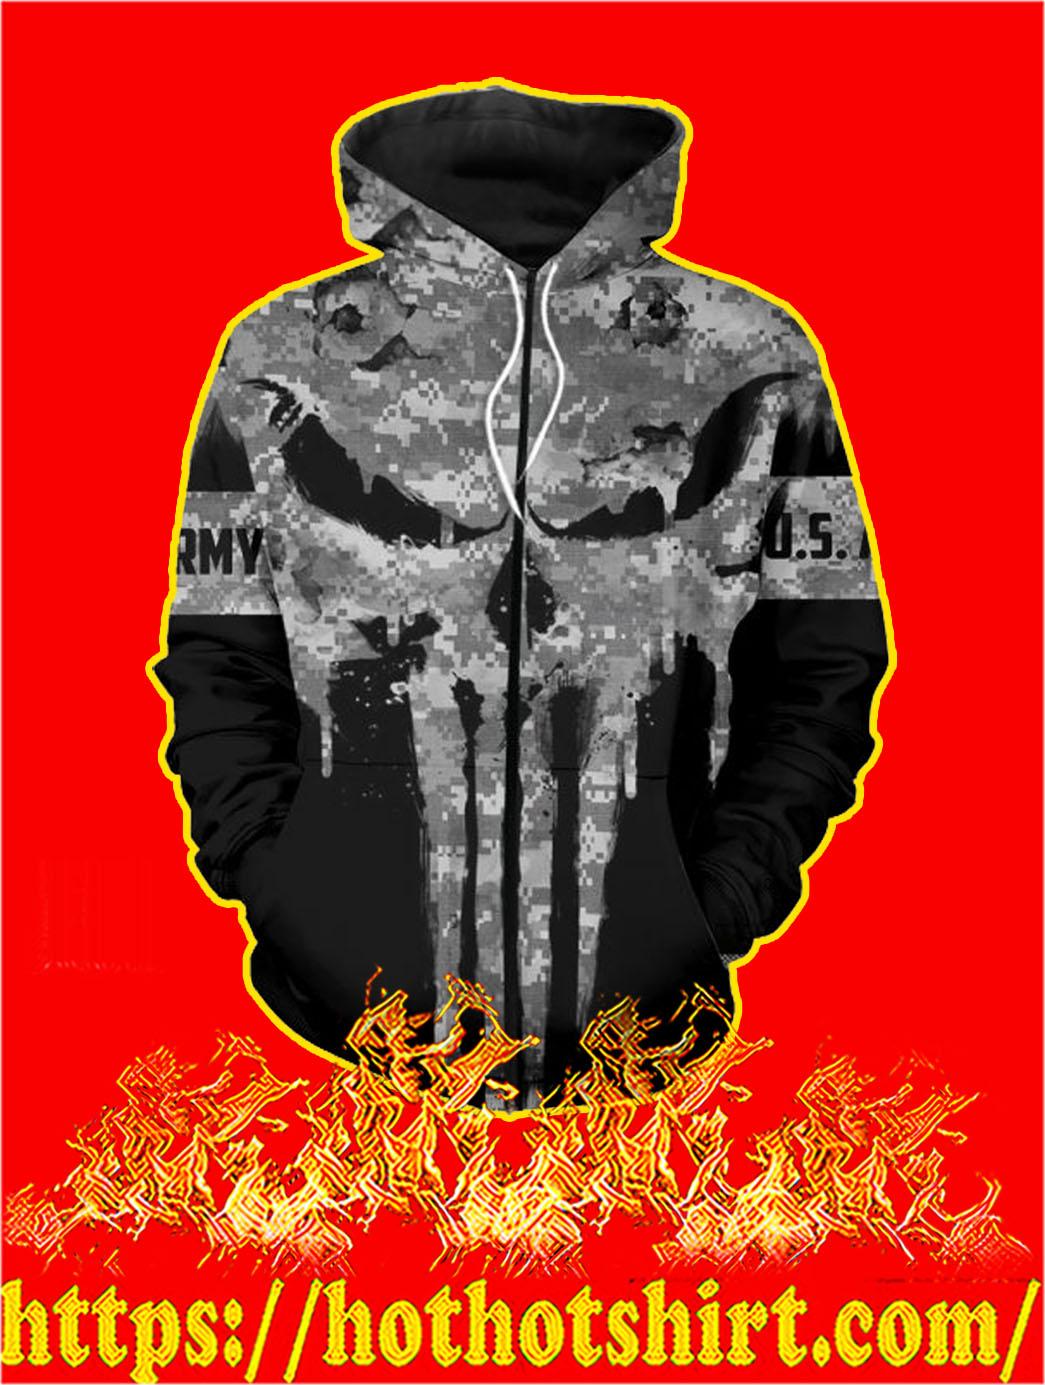 U.S Army Punisher Skull 3D Printed Zip Hoodie